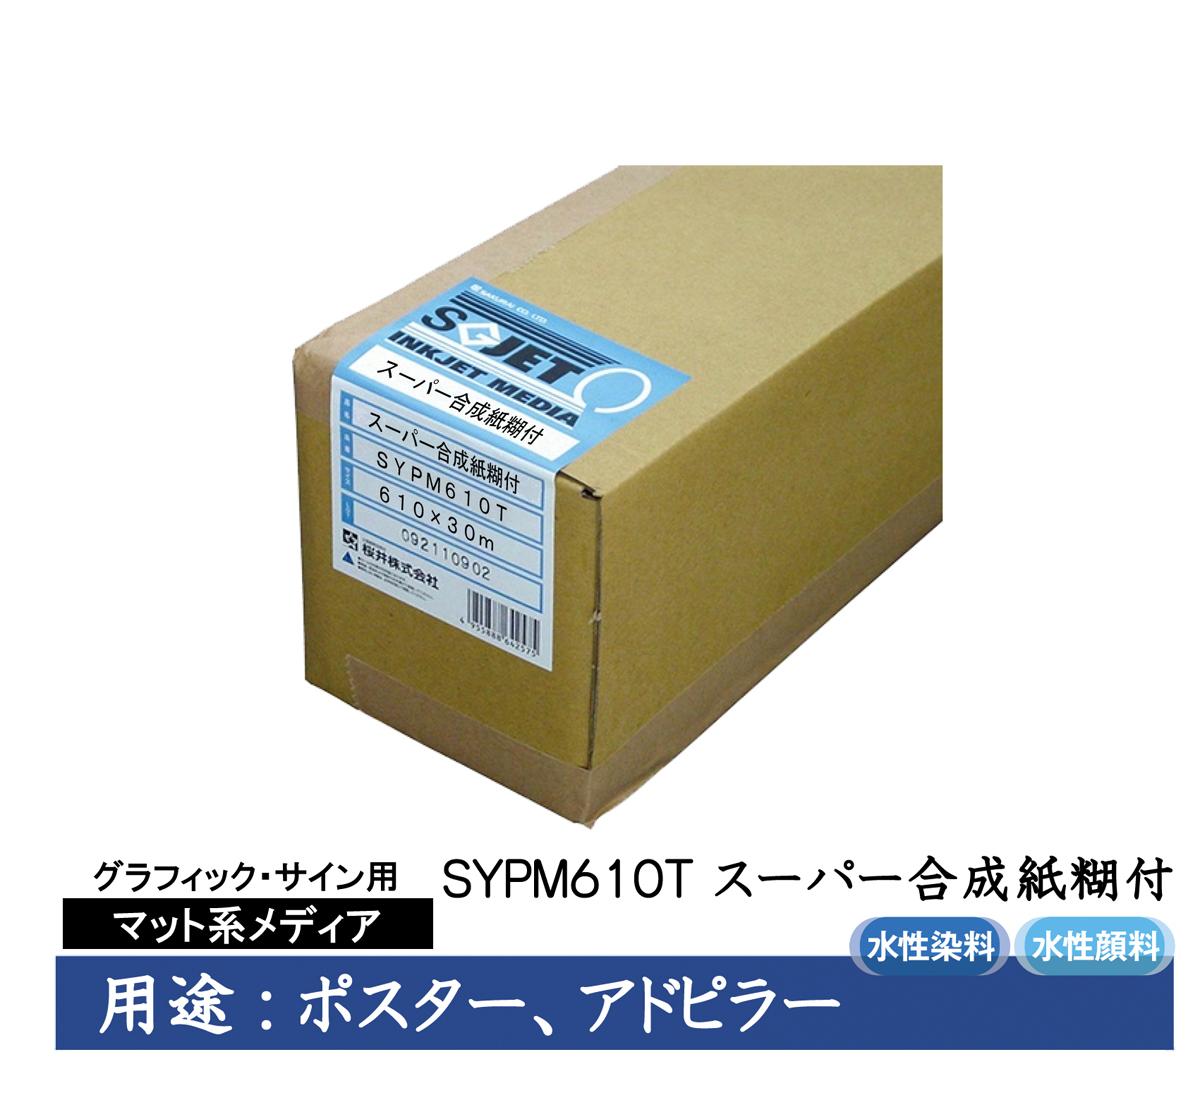 桜井 グラフィック・サイン用インクジェット用紙 スーパー合成紙糊付 610mm×30m 2インチ 1本入 SYPM610T